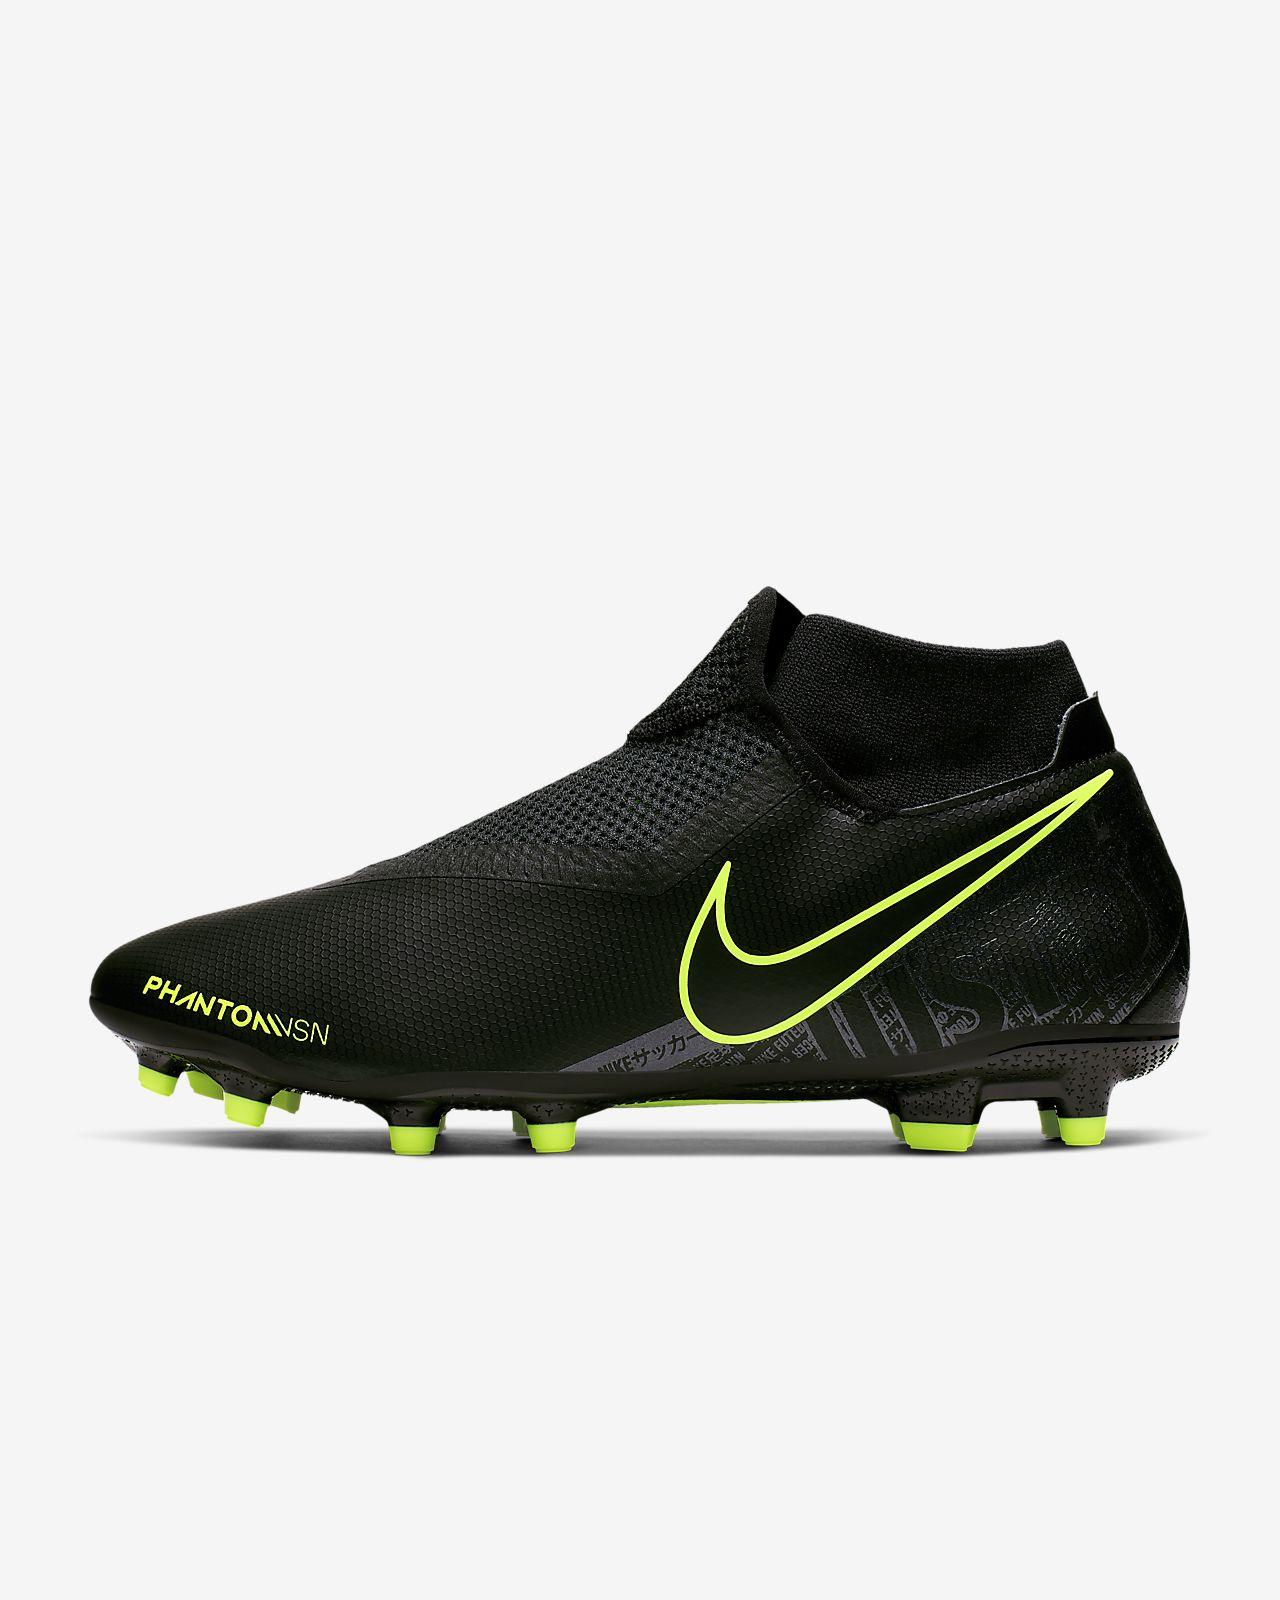 Nike Phantom Vision Academy Dynamic Fit MG Voetbalschoen (meerdere ondergronden)